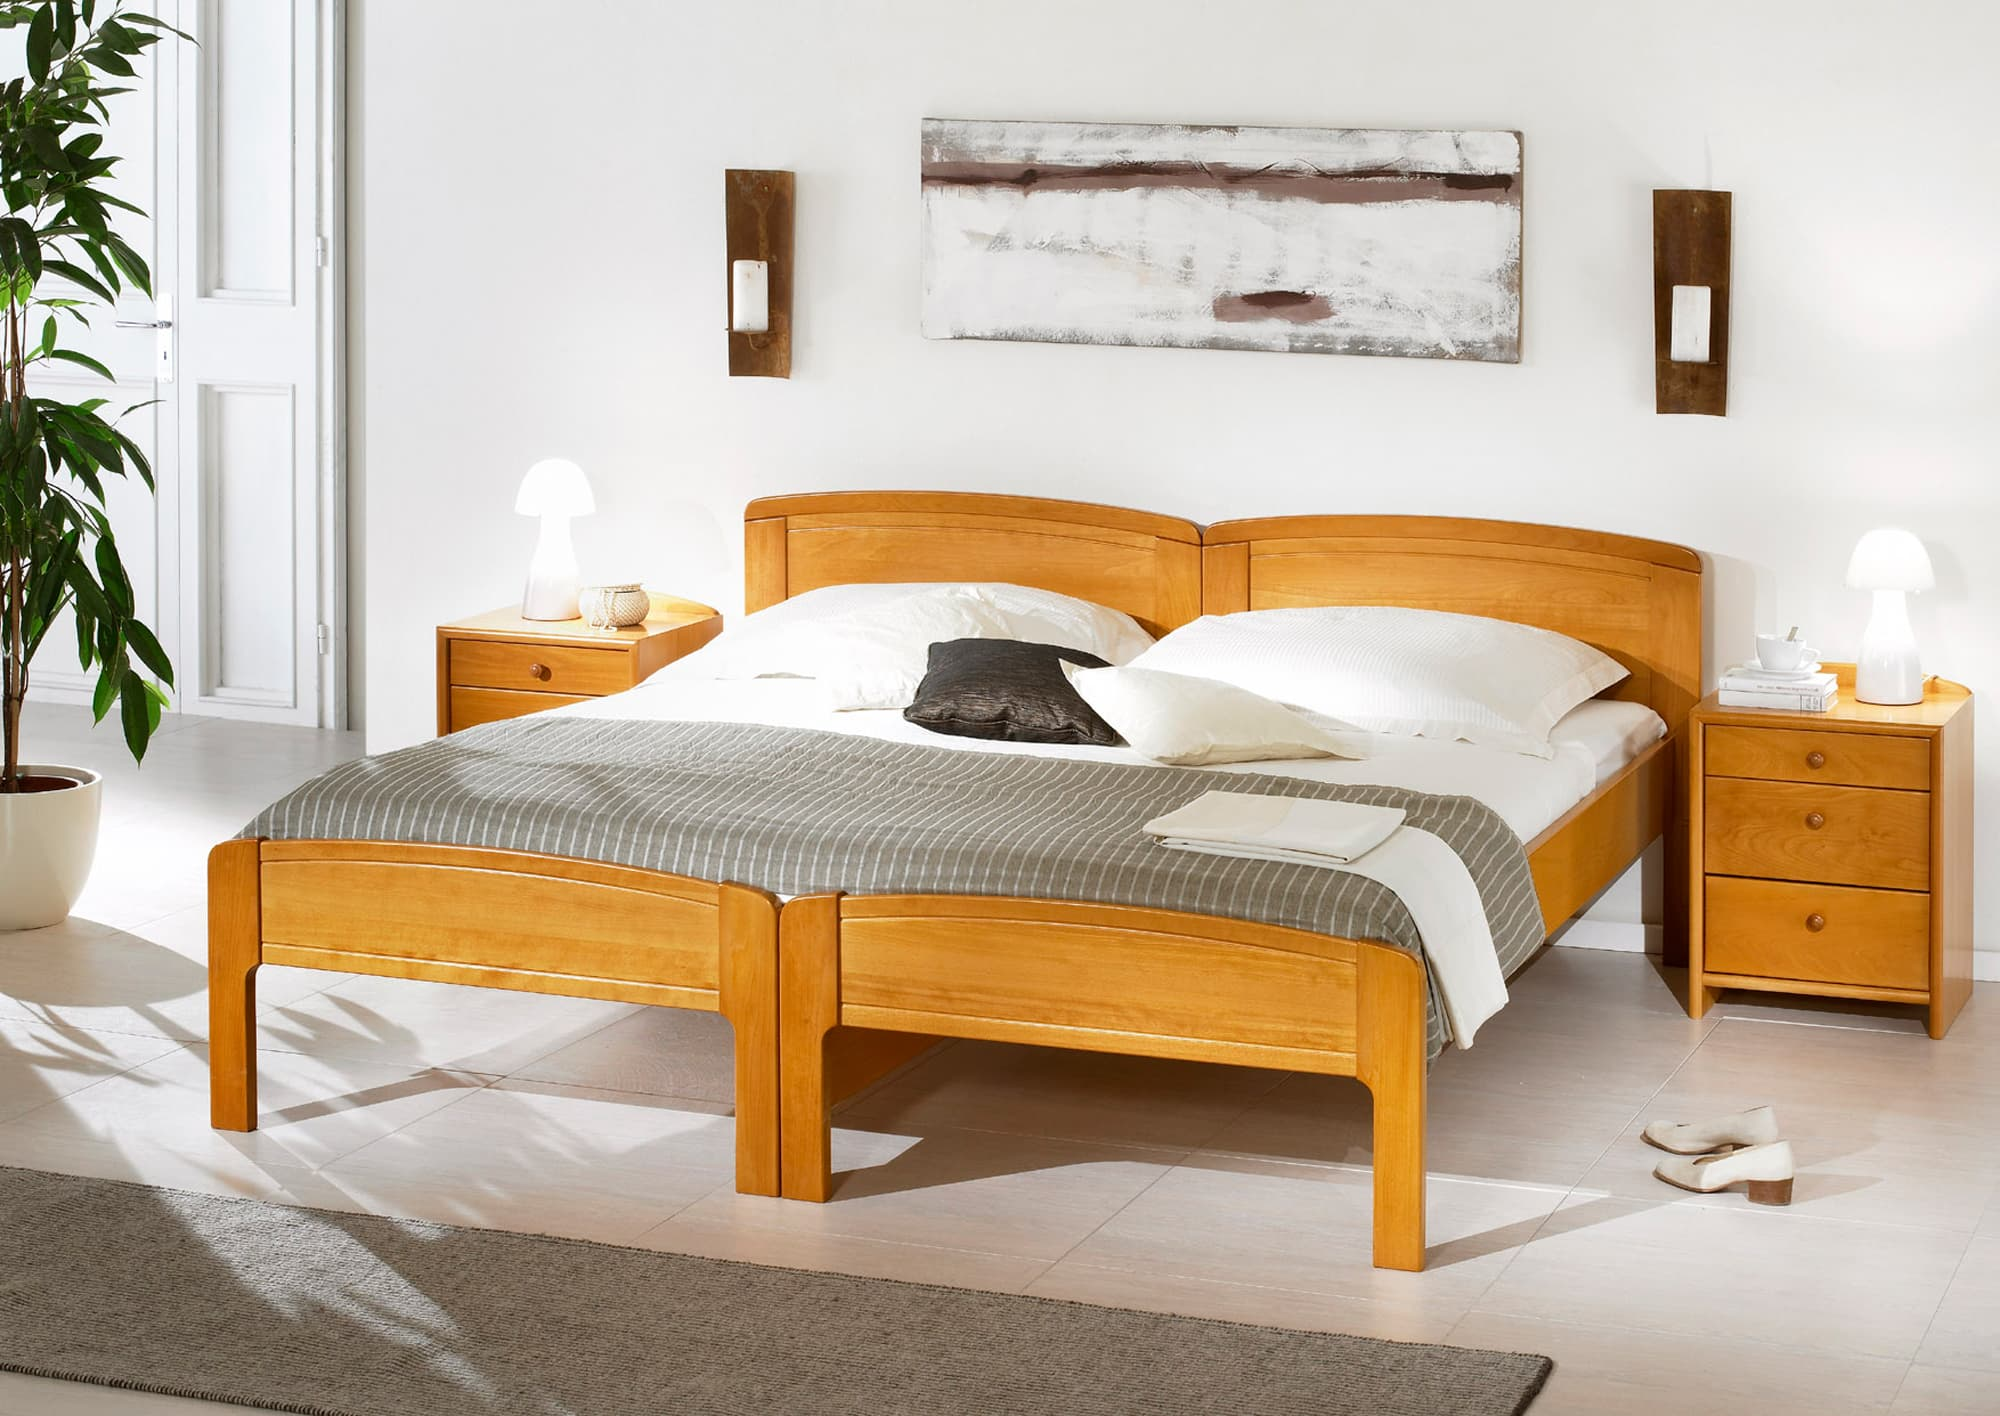 Full Size of Bett Weiß 90x200 Mit Bettkasten Betten Schubladen Kiefer Lattenrost Und Matratze Weißes Wohnzimmer Seniorenbett 90x200